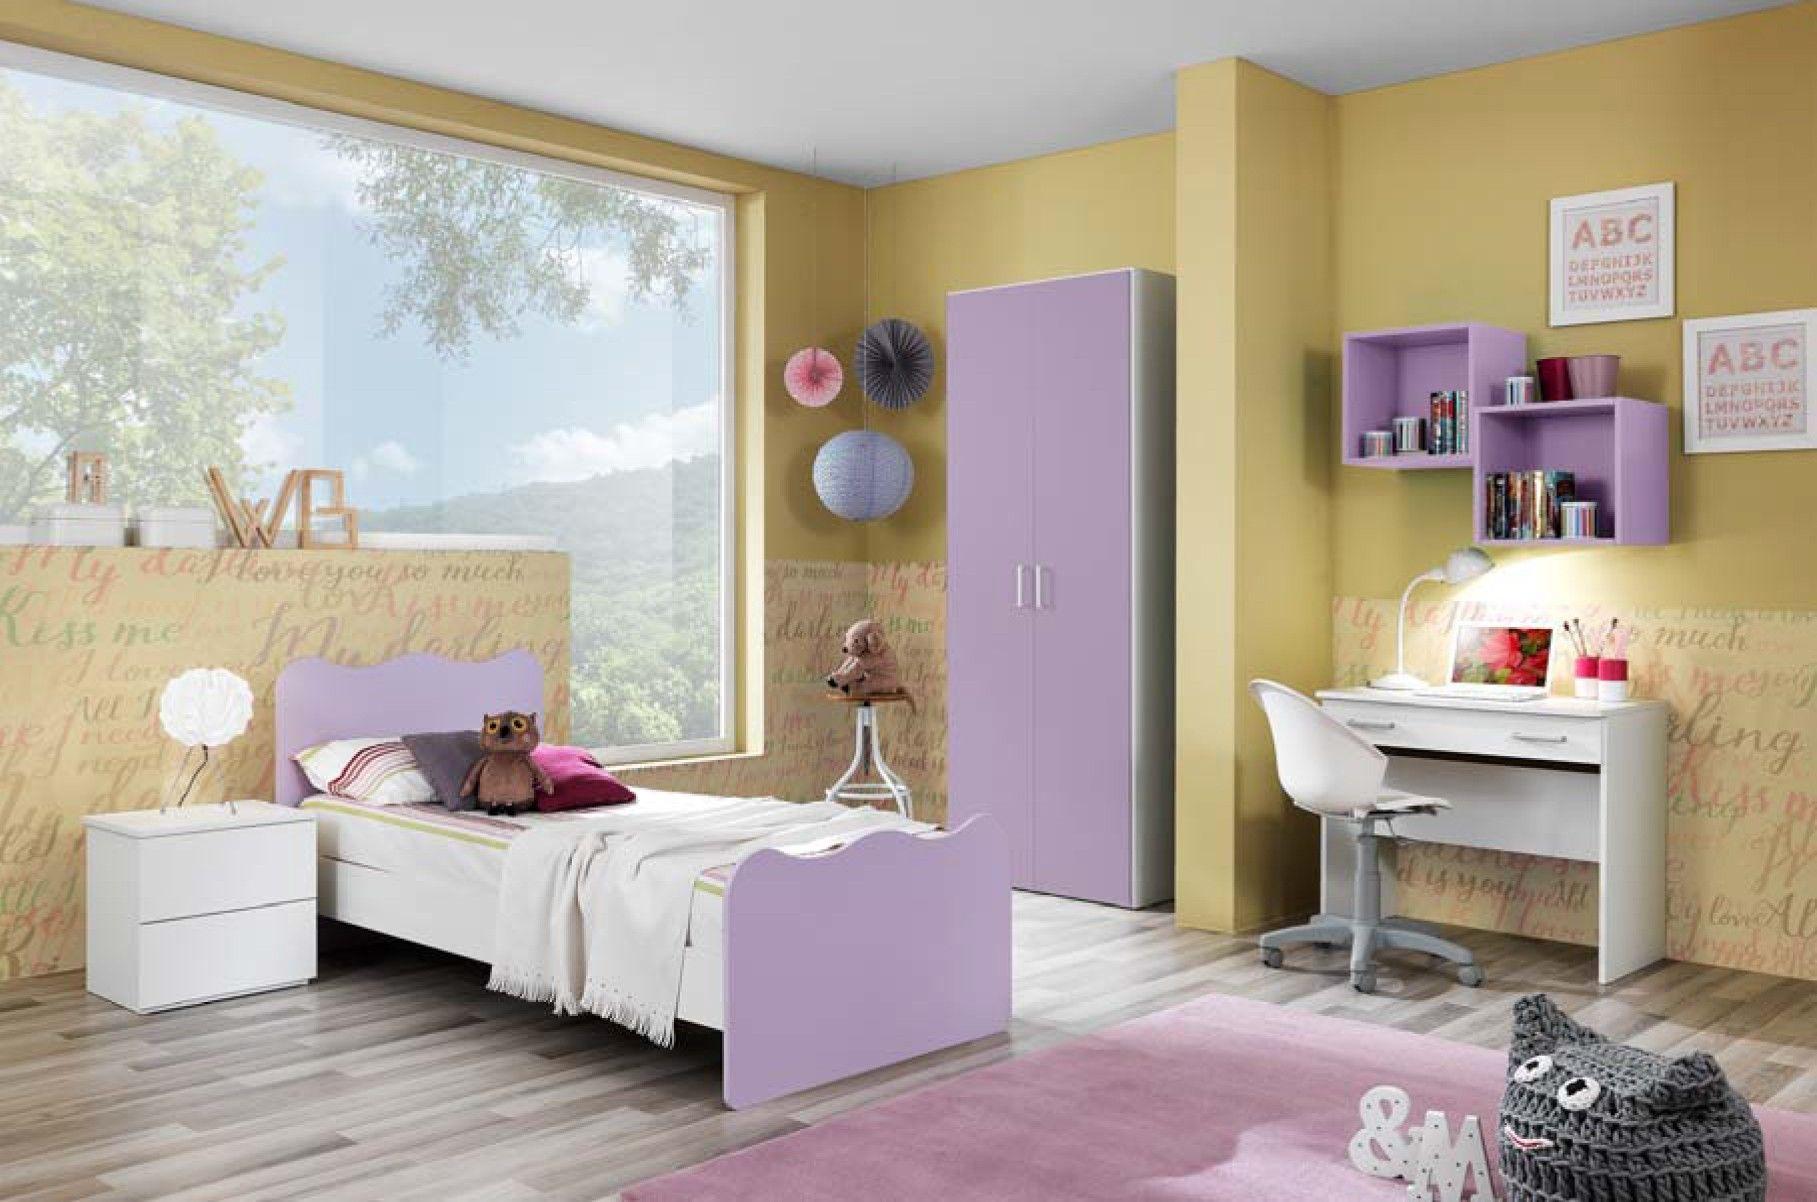 Cameretta Lilla Ikea : Cameretta completa linea onda con letto singolo bianco frassinato e